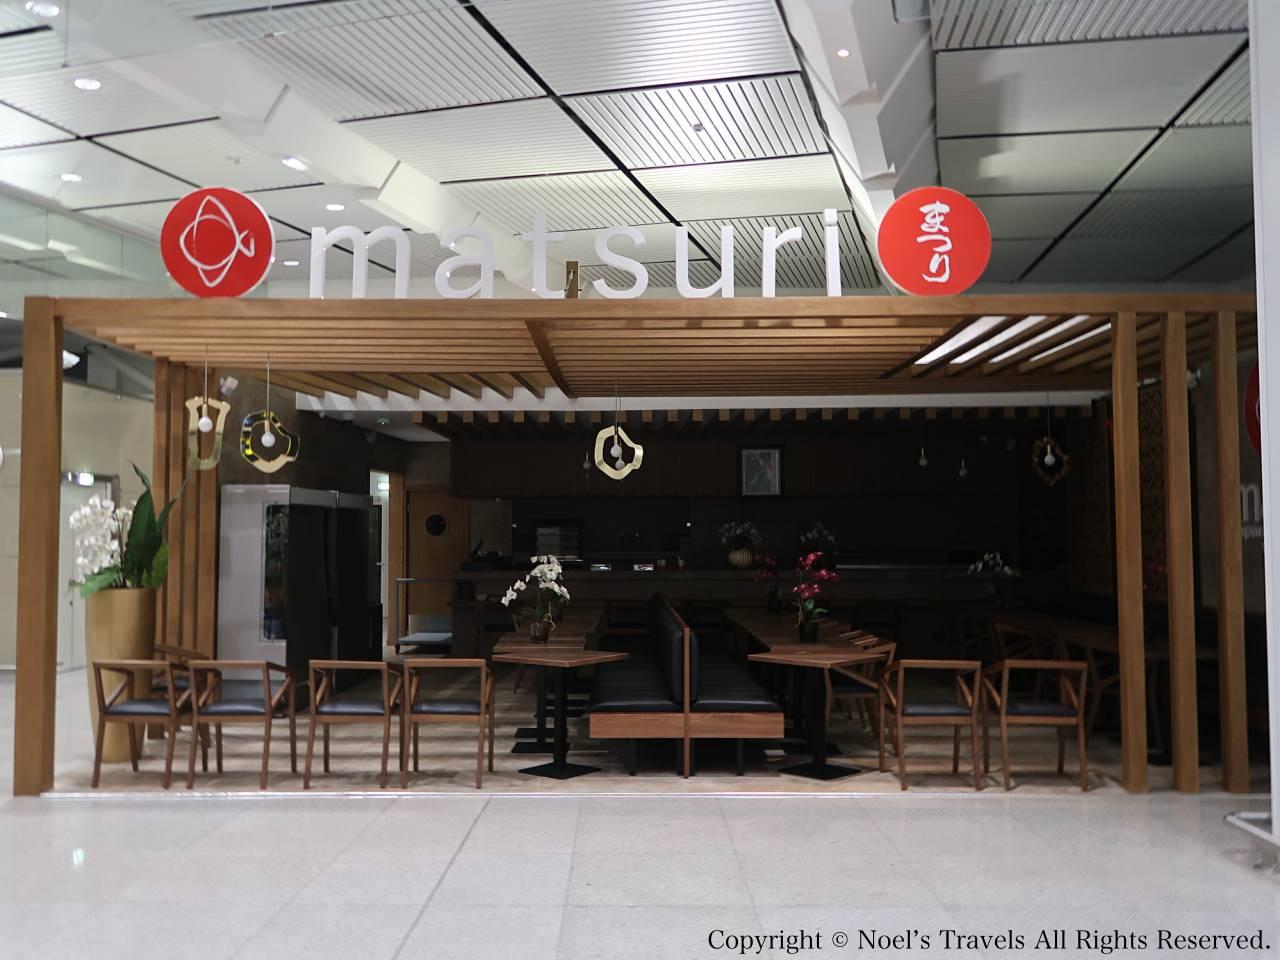 カサブランカ空港の日本食レストラン